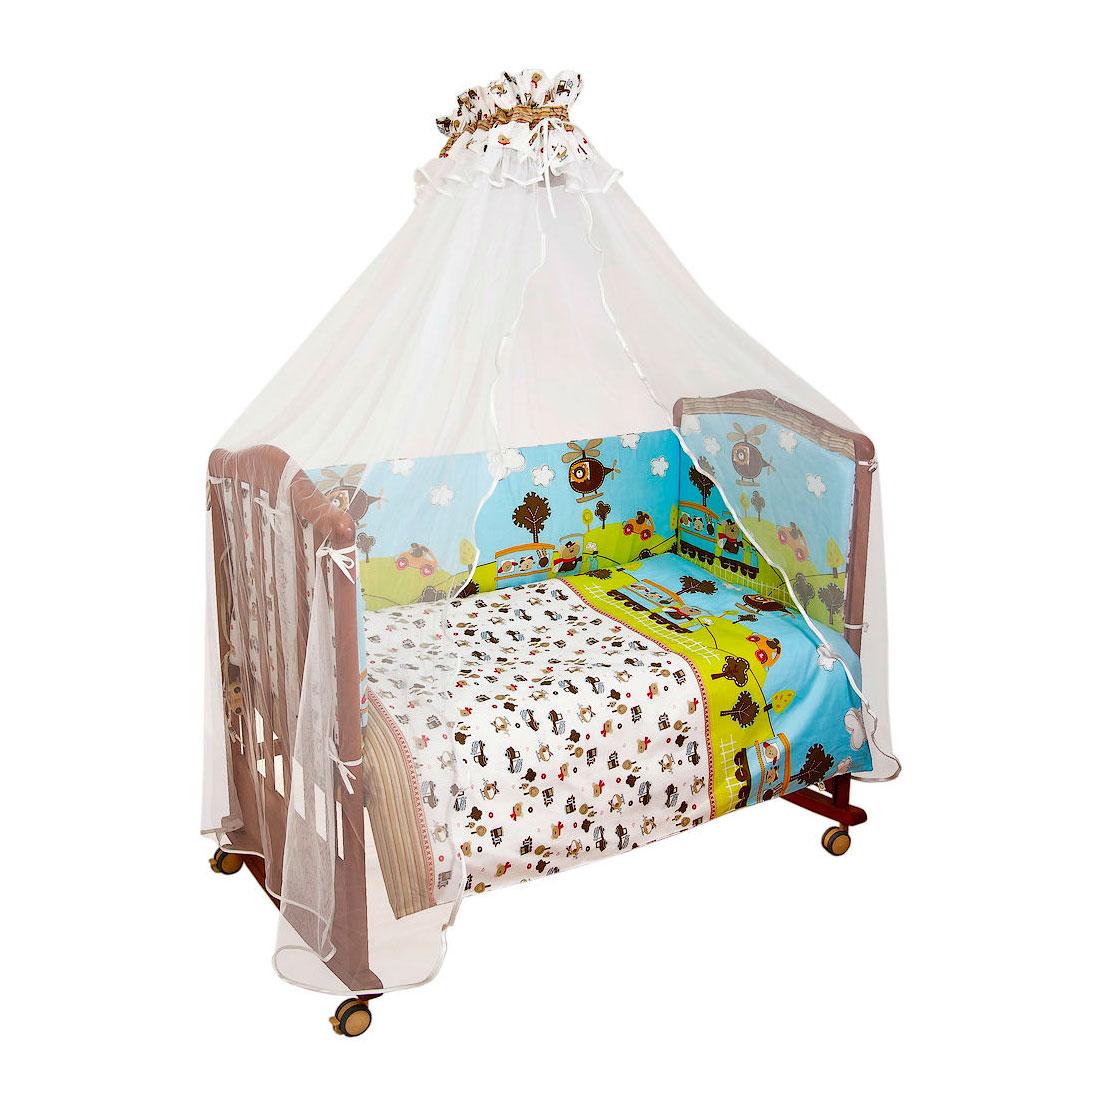 Комплект в кроватку Сонный гномик Каникулы 4 предмета Голубой<br>